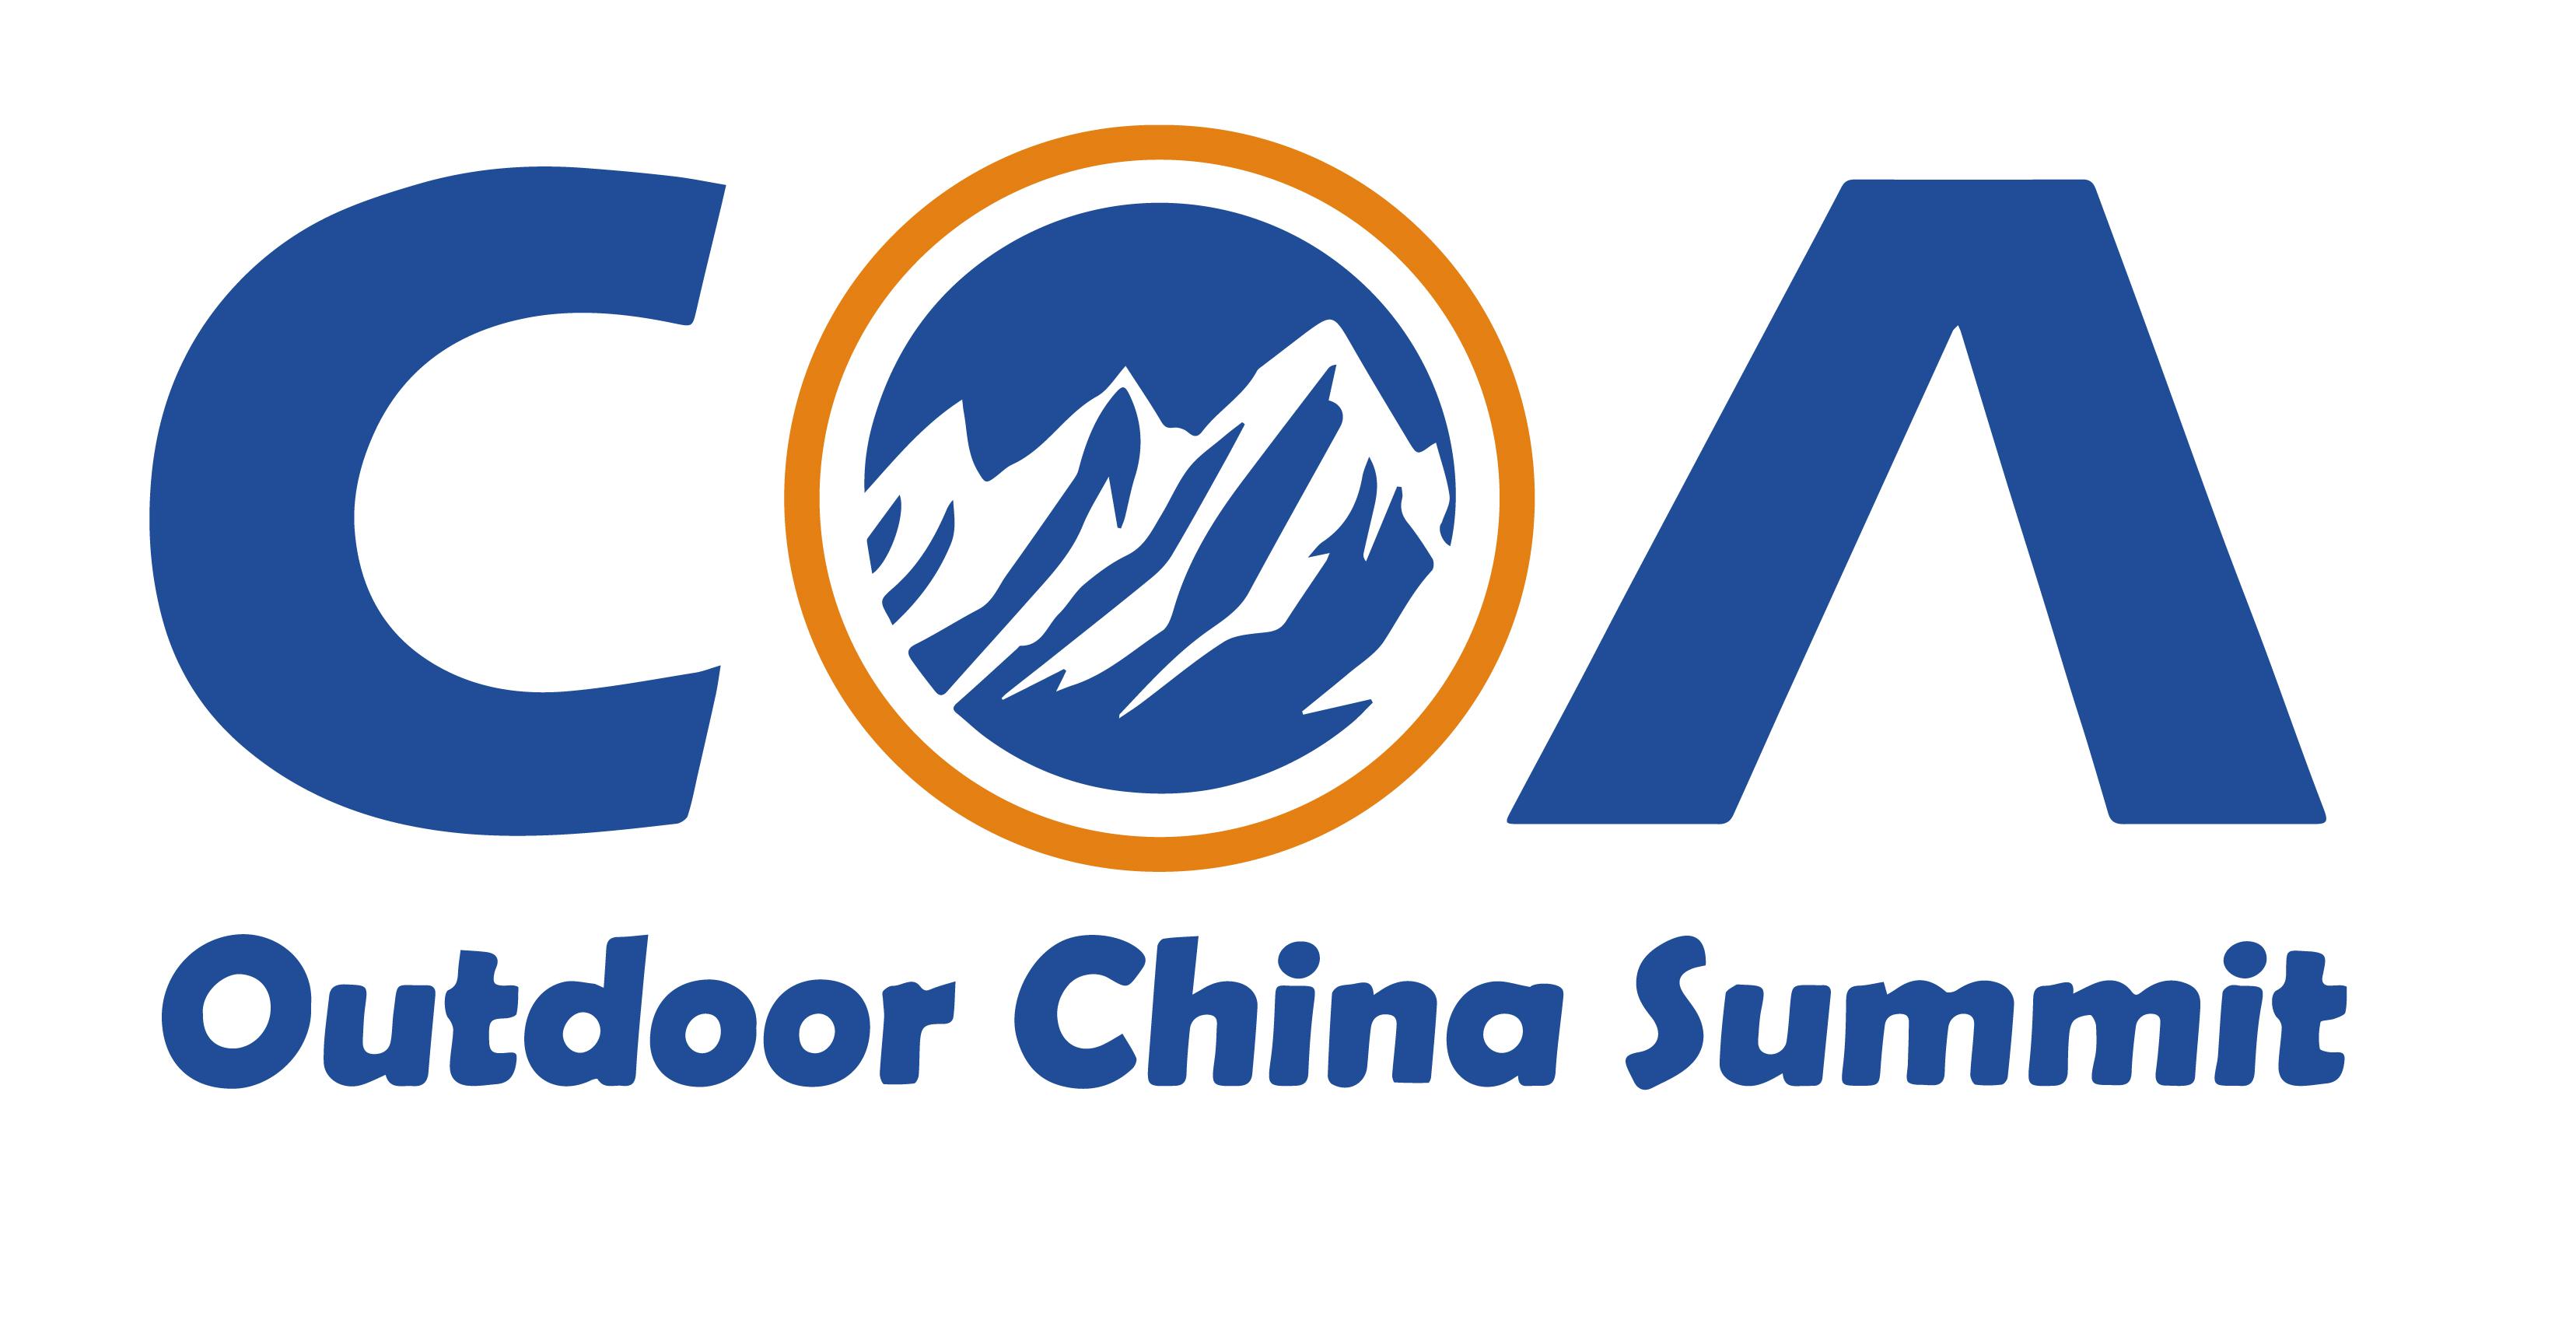 第三届COA户外高峰论坛将在南京开幕